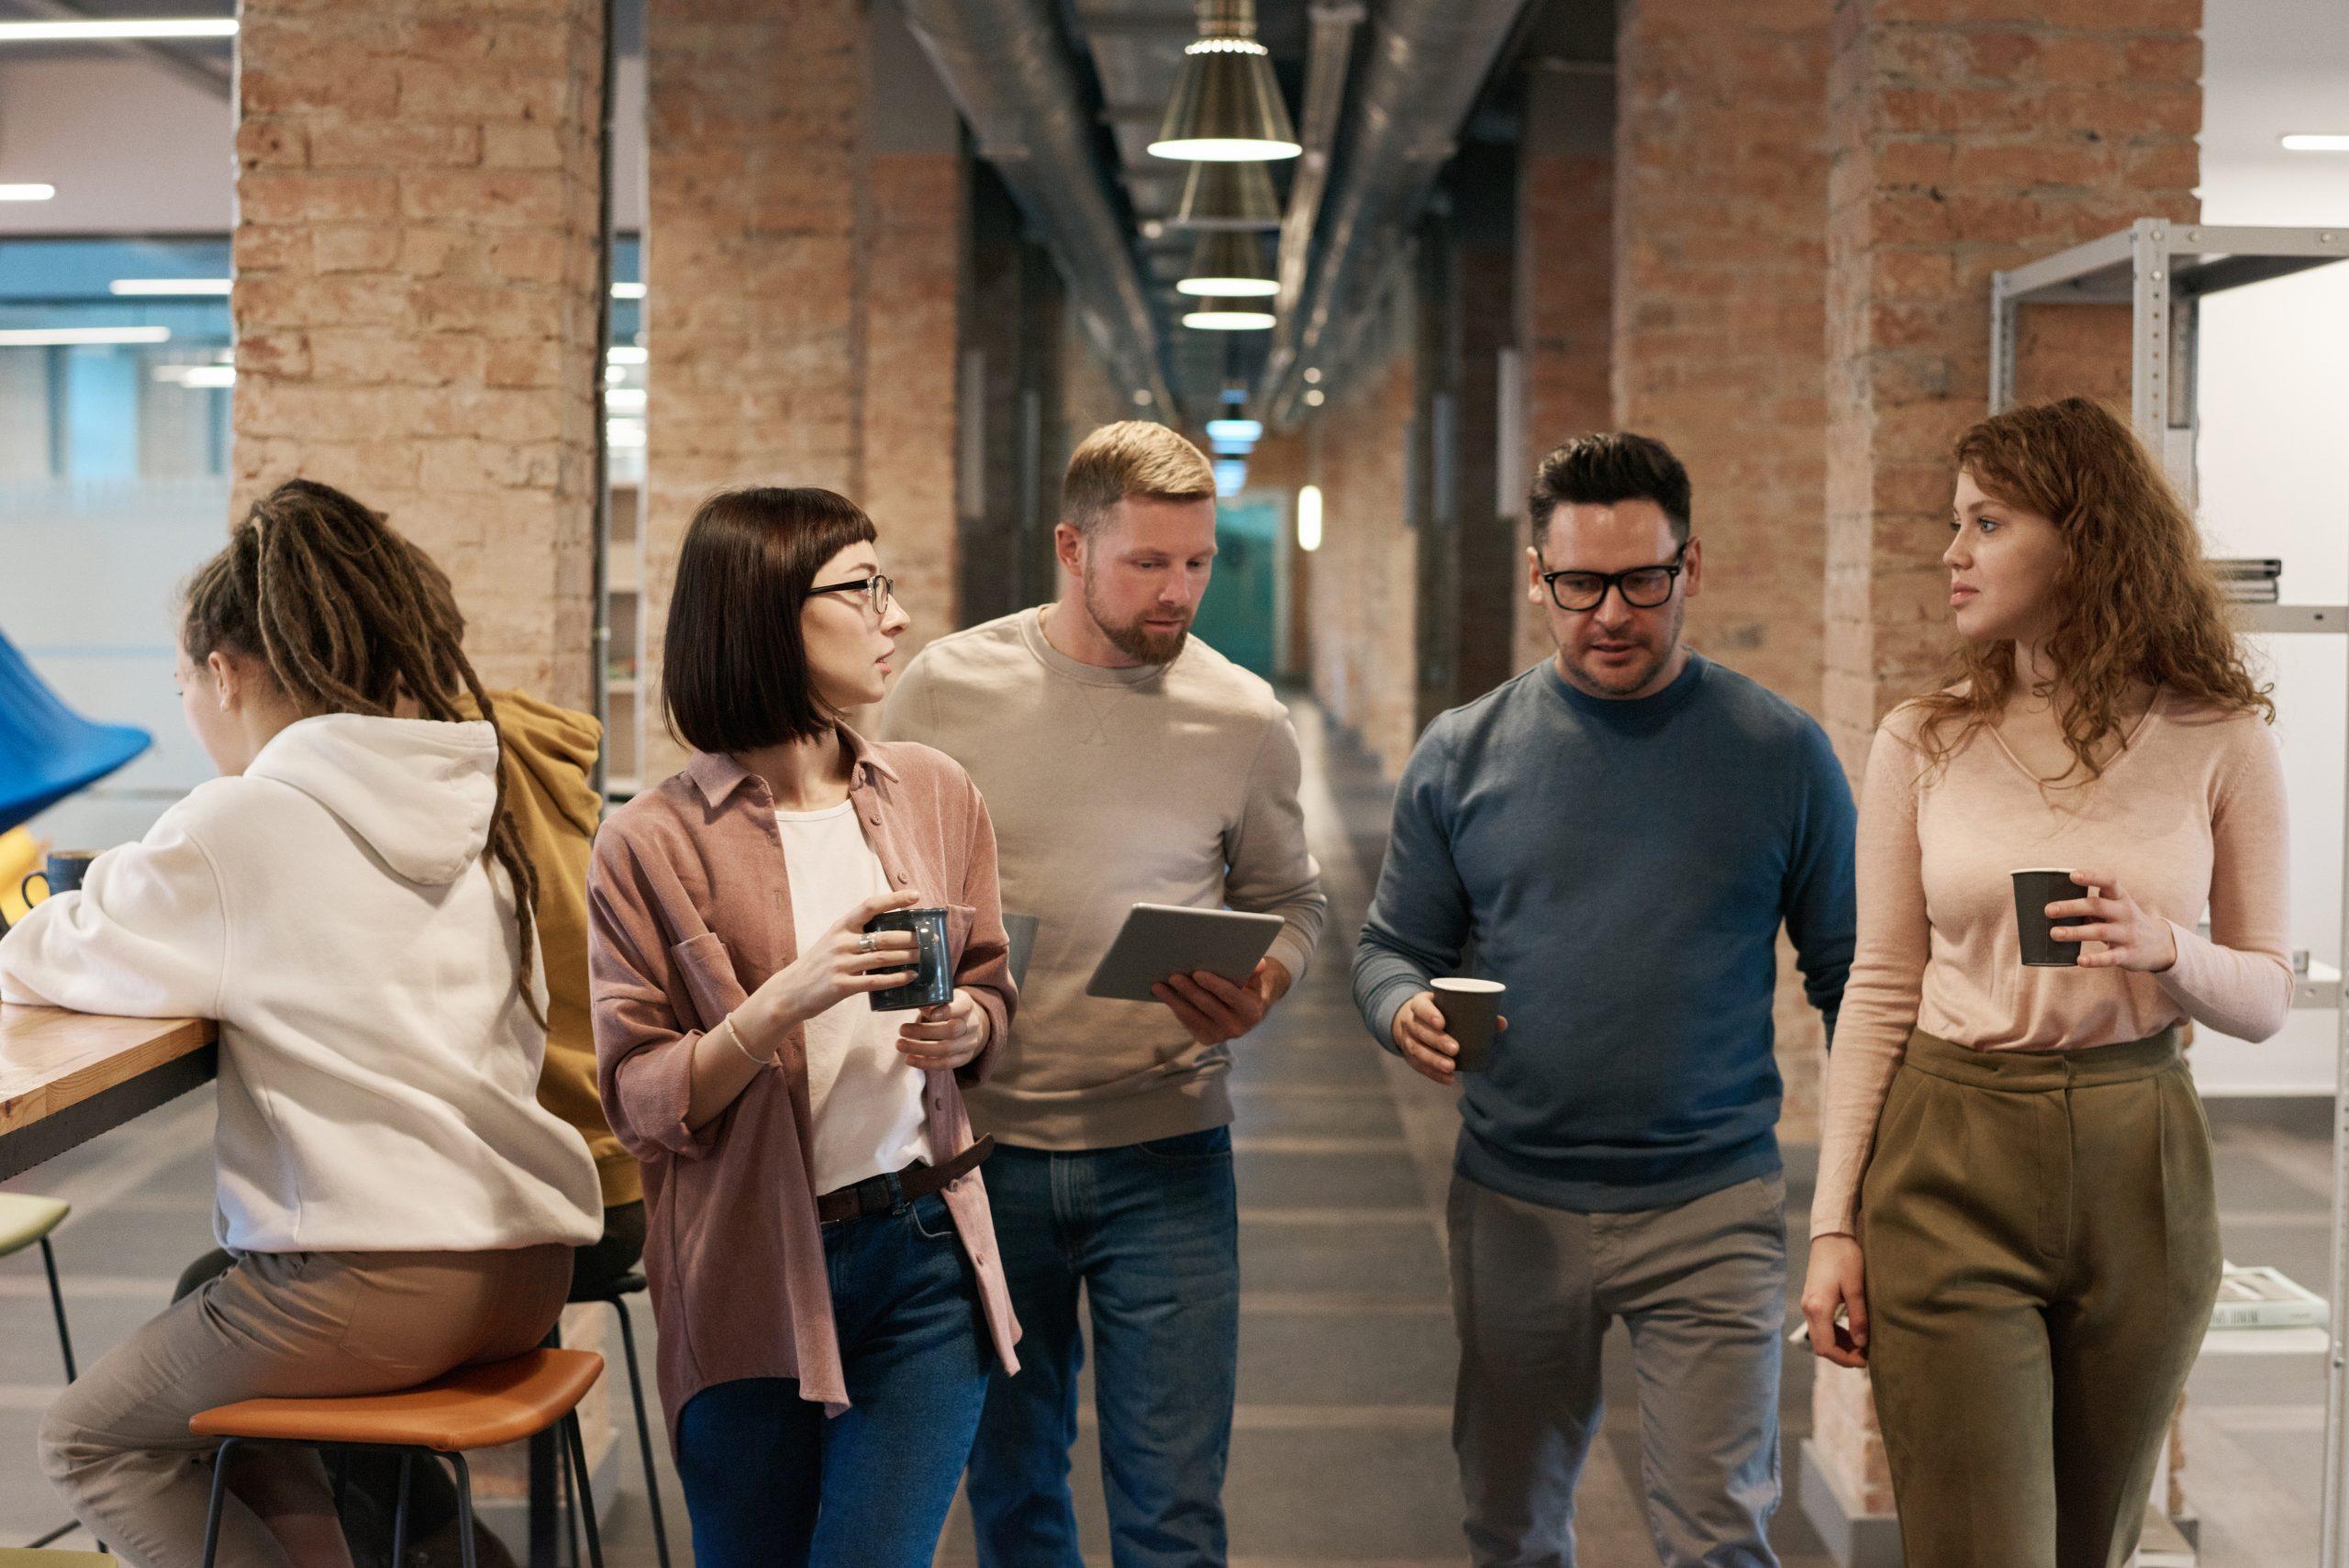 Photo of people walking on hallway